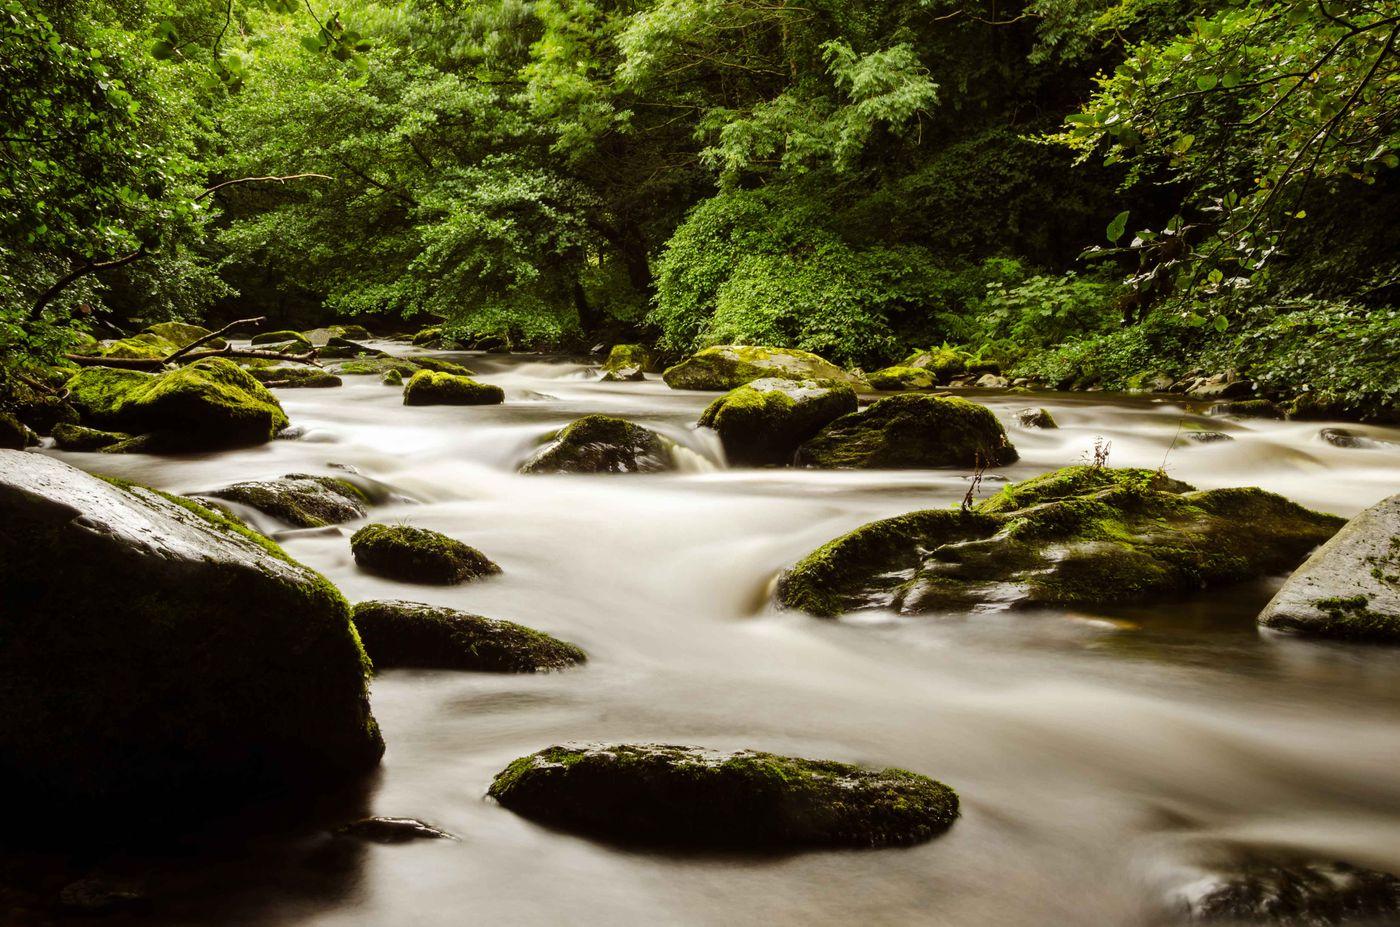 Lage sluiter en de rivier zorgen voor een mystiek resultaat. © Hans Debruyne